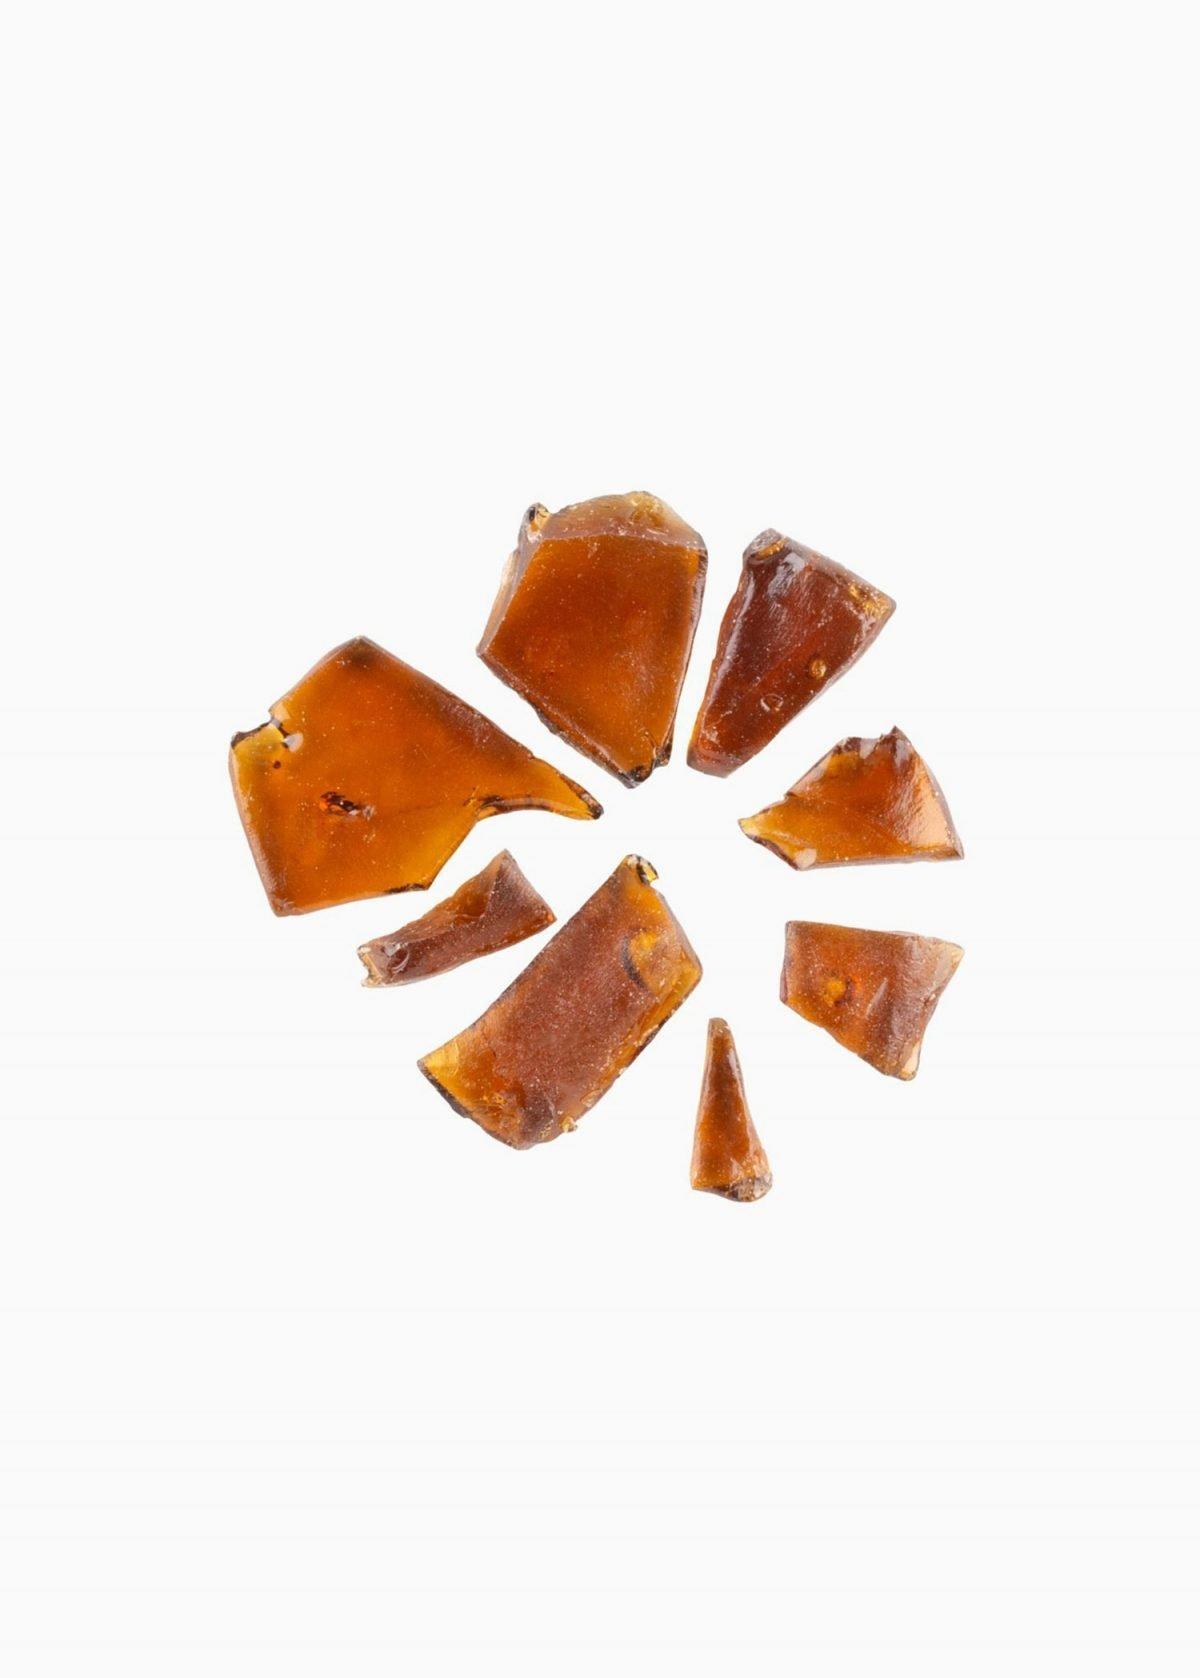 Abcann Medicinals Fireside X Shatter - Glueberry